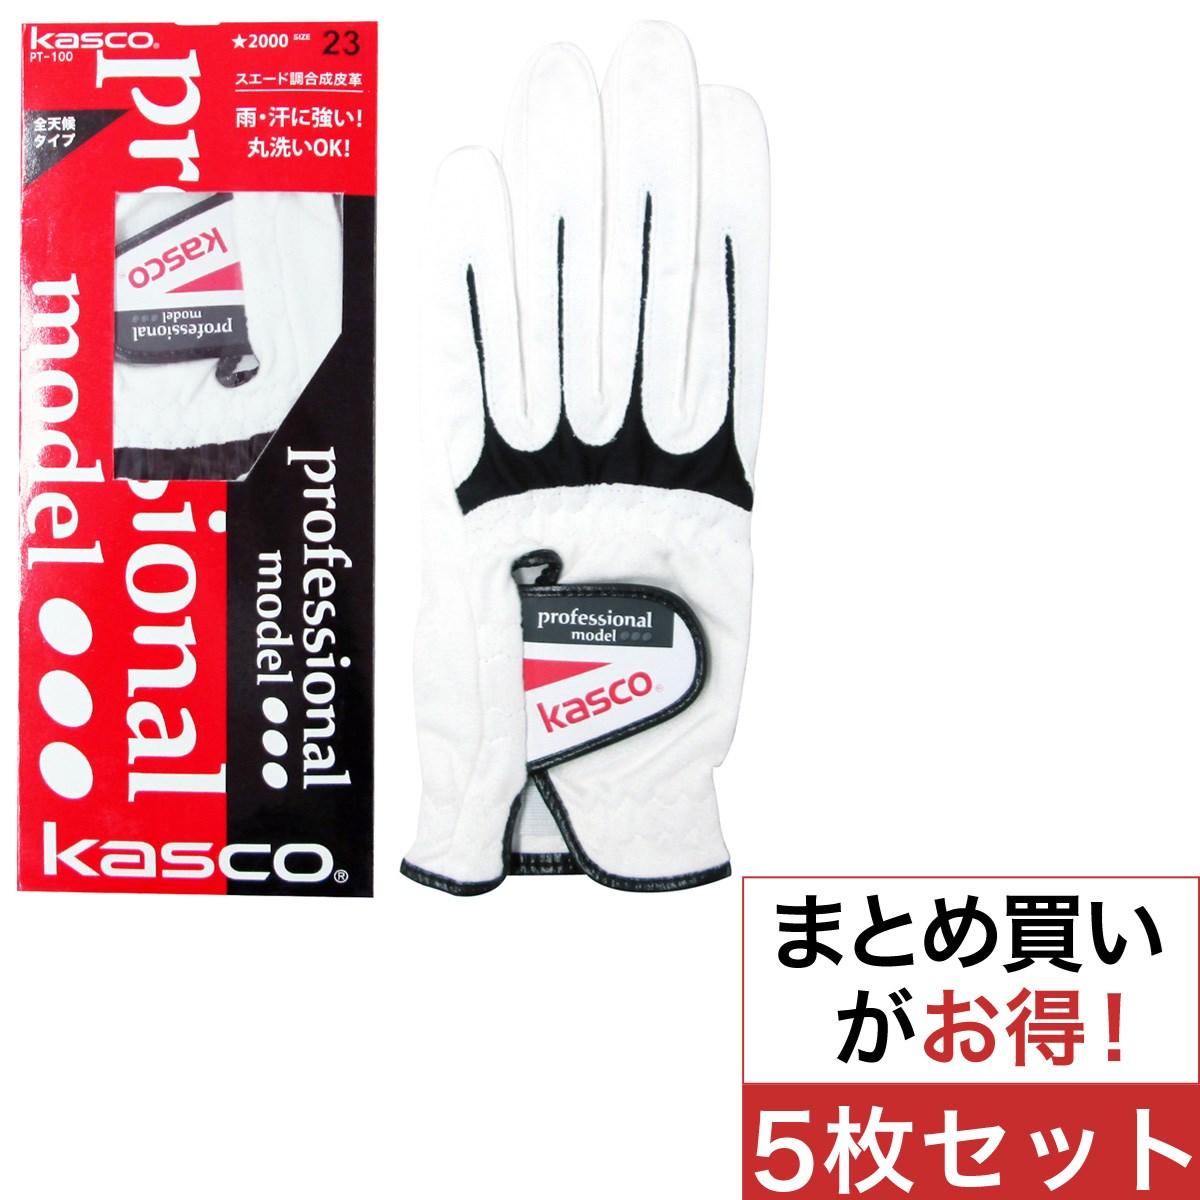 キャスコ(KASCO) GDO限定 PT100グローブ  5枚セット